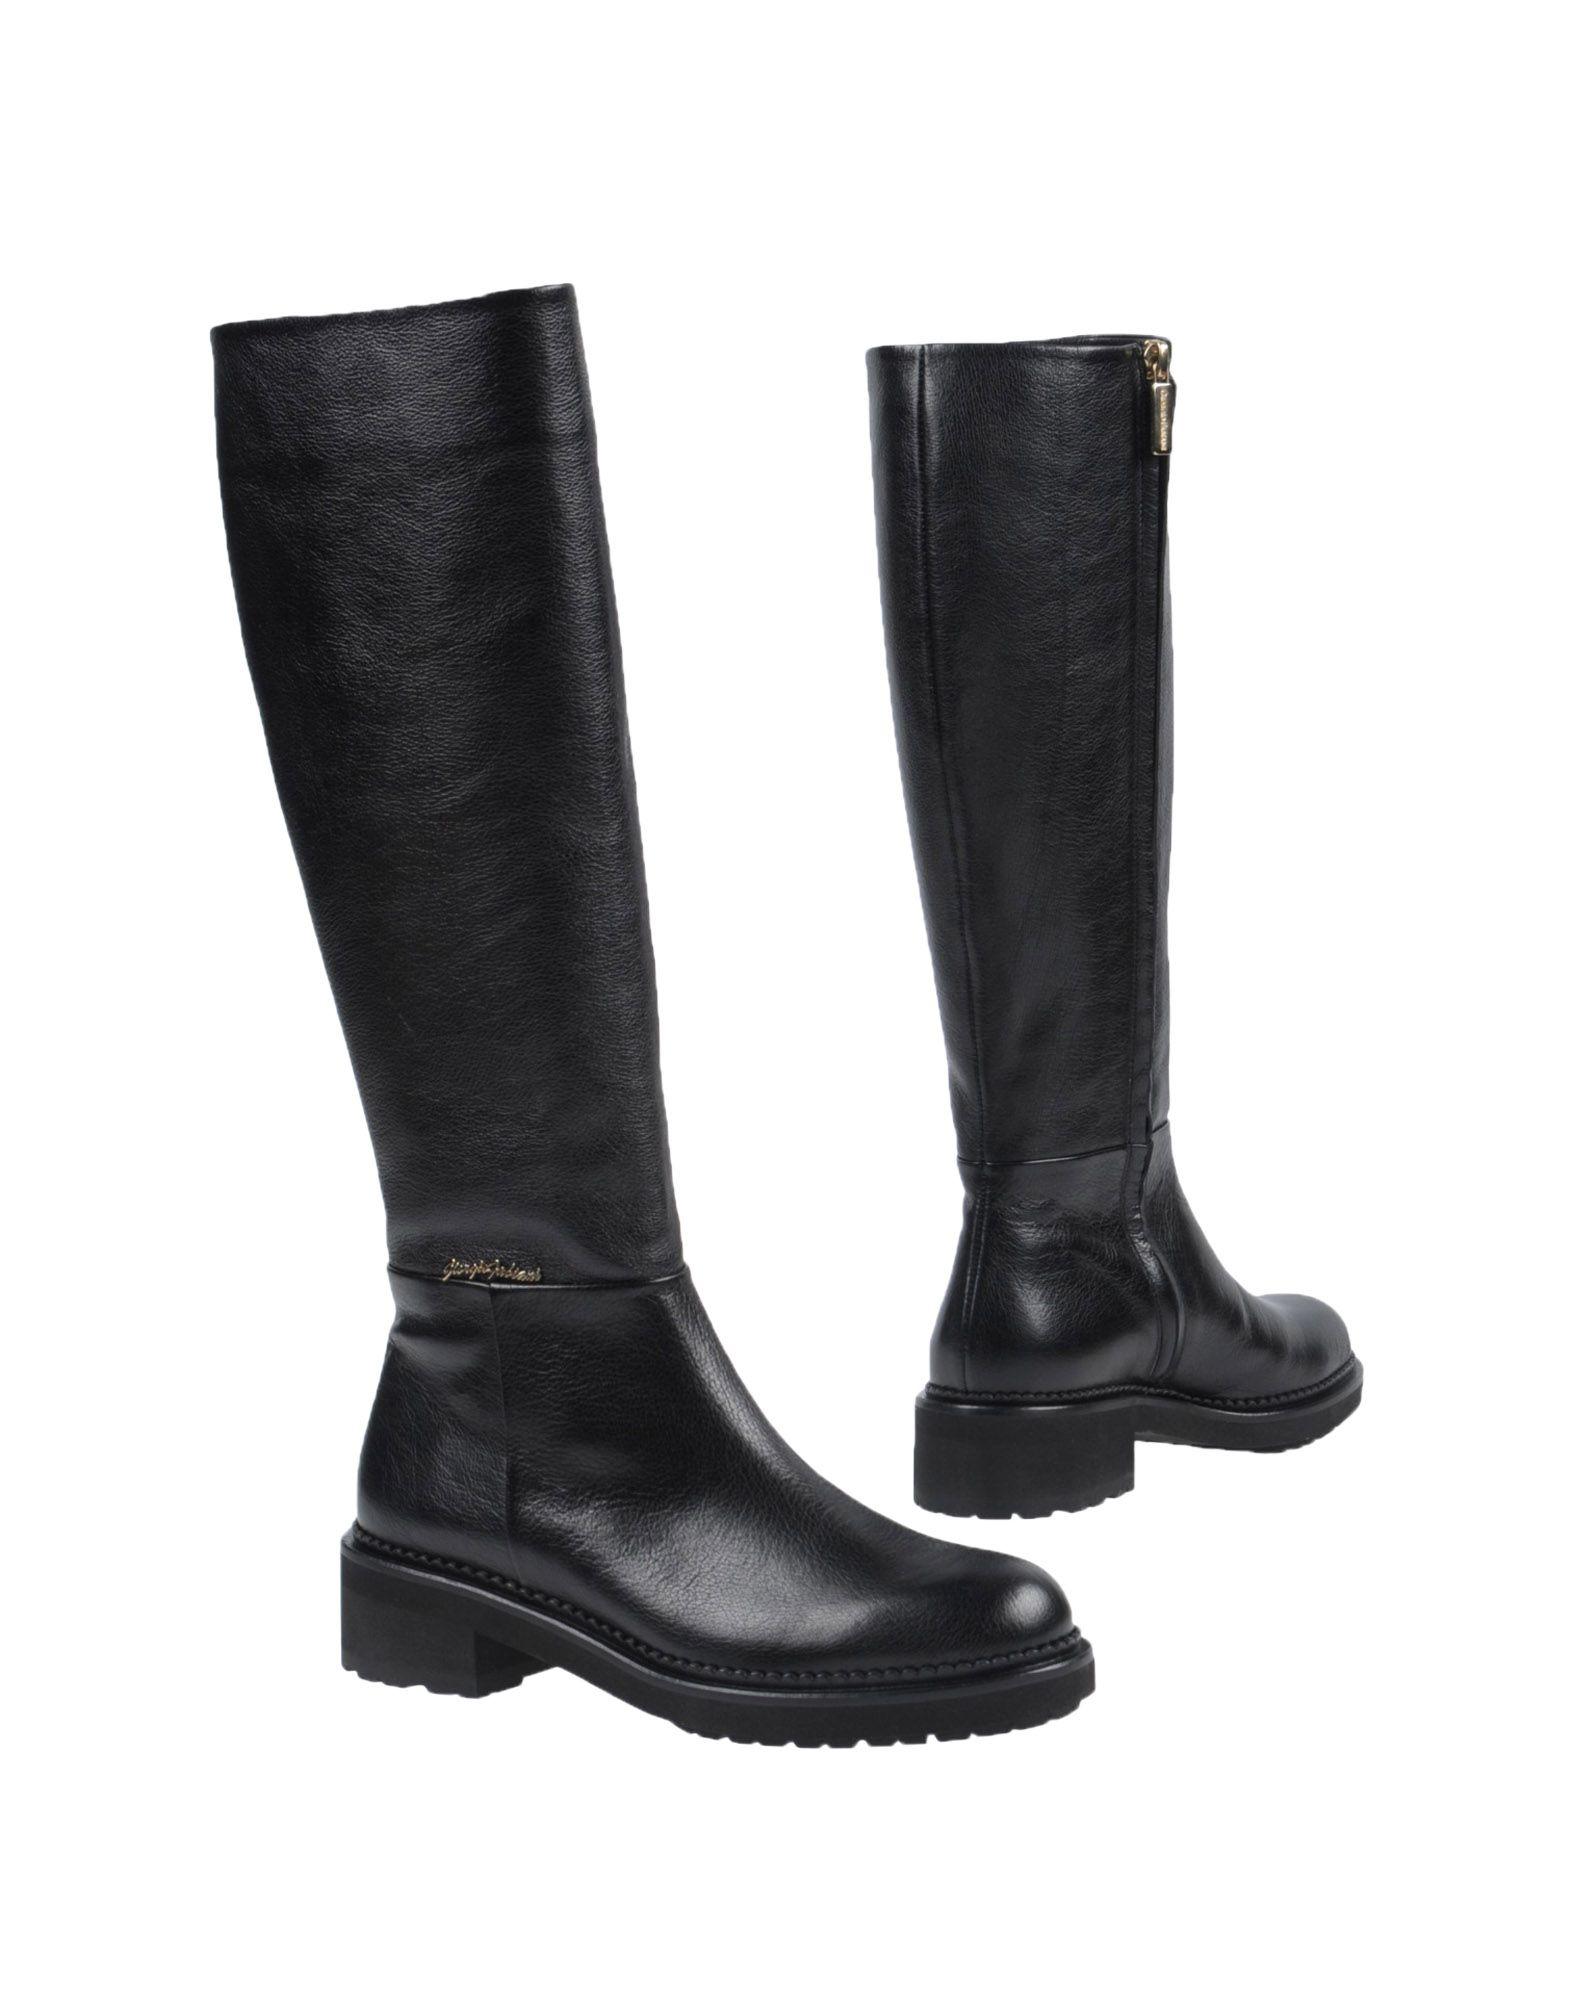 Rabatt Schuhe Giorgio Fabiani Stiefel Damen 11445153AR 11445153AR 11445153AR 2de141